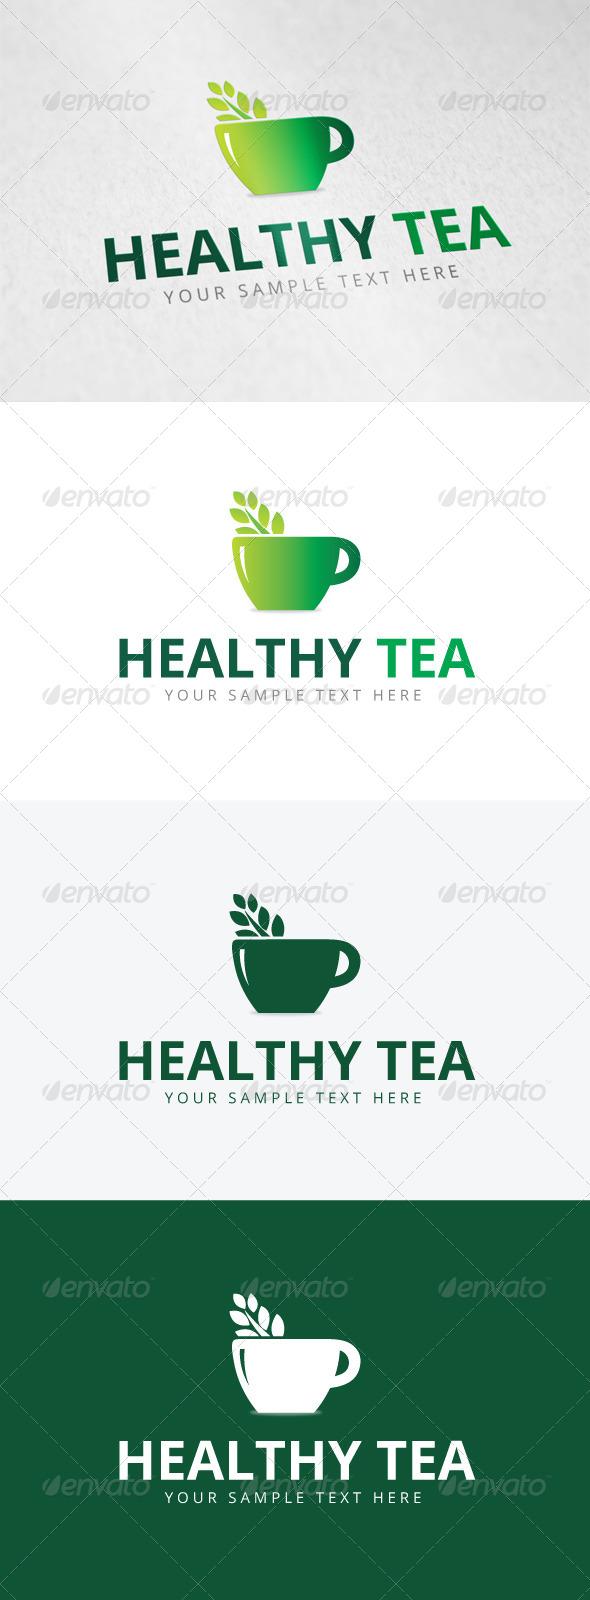 GraphicRiver Healthy Tea Logo 7935516